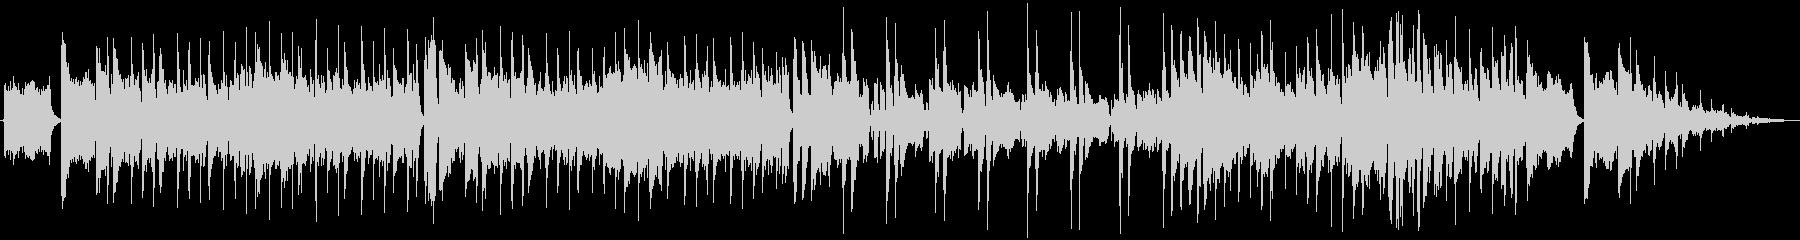 爽やかなフュージョン系の曲です。繰り返…の未再生の波形